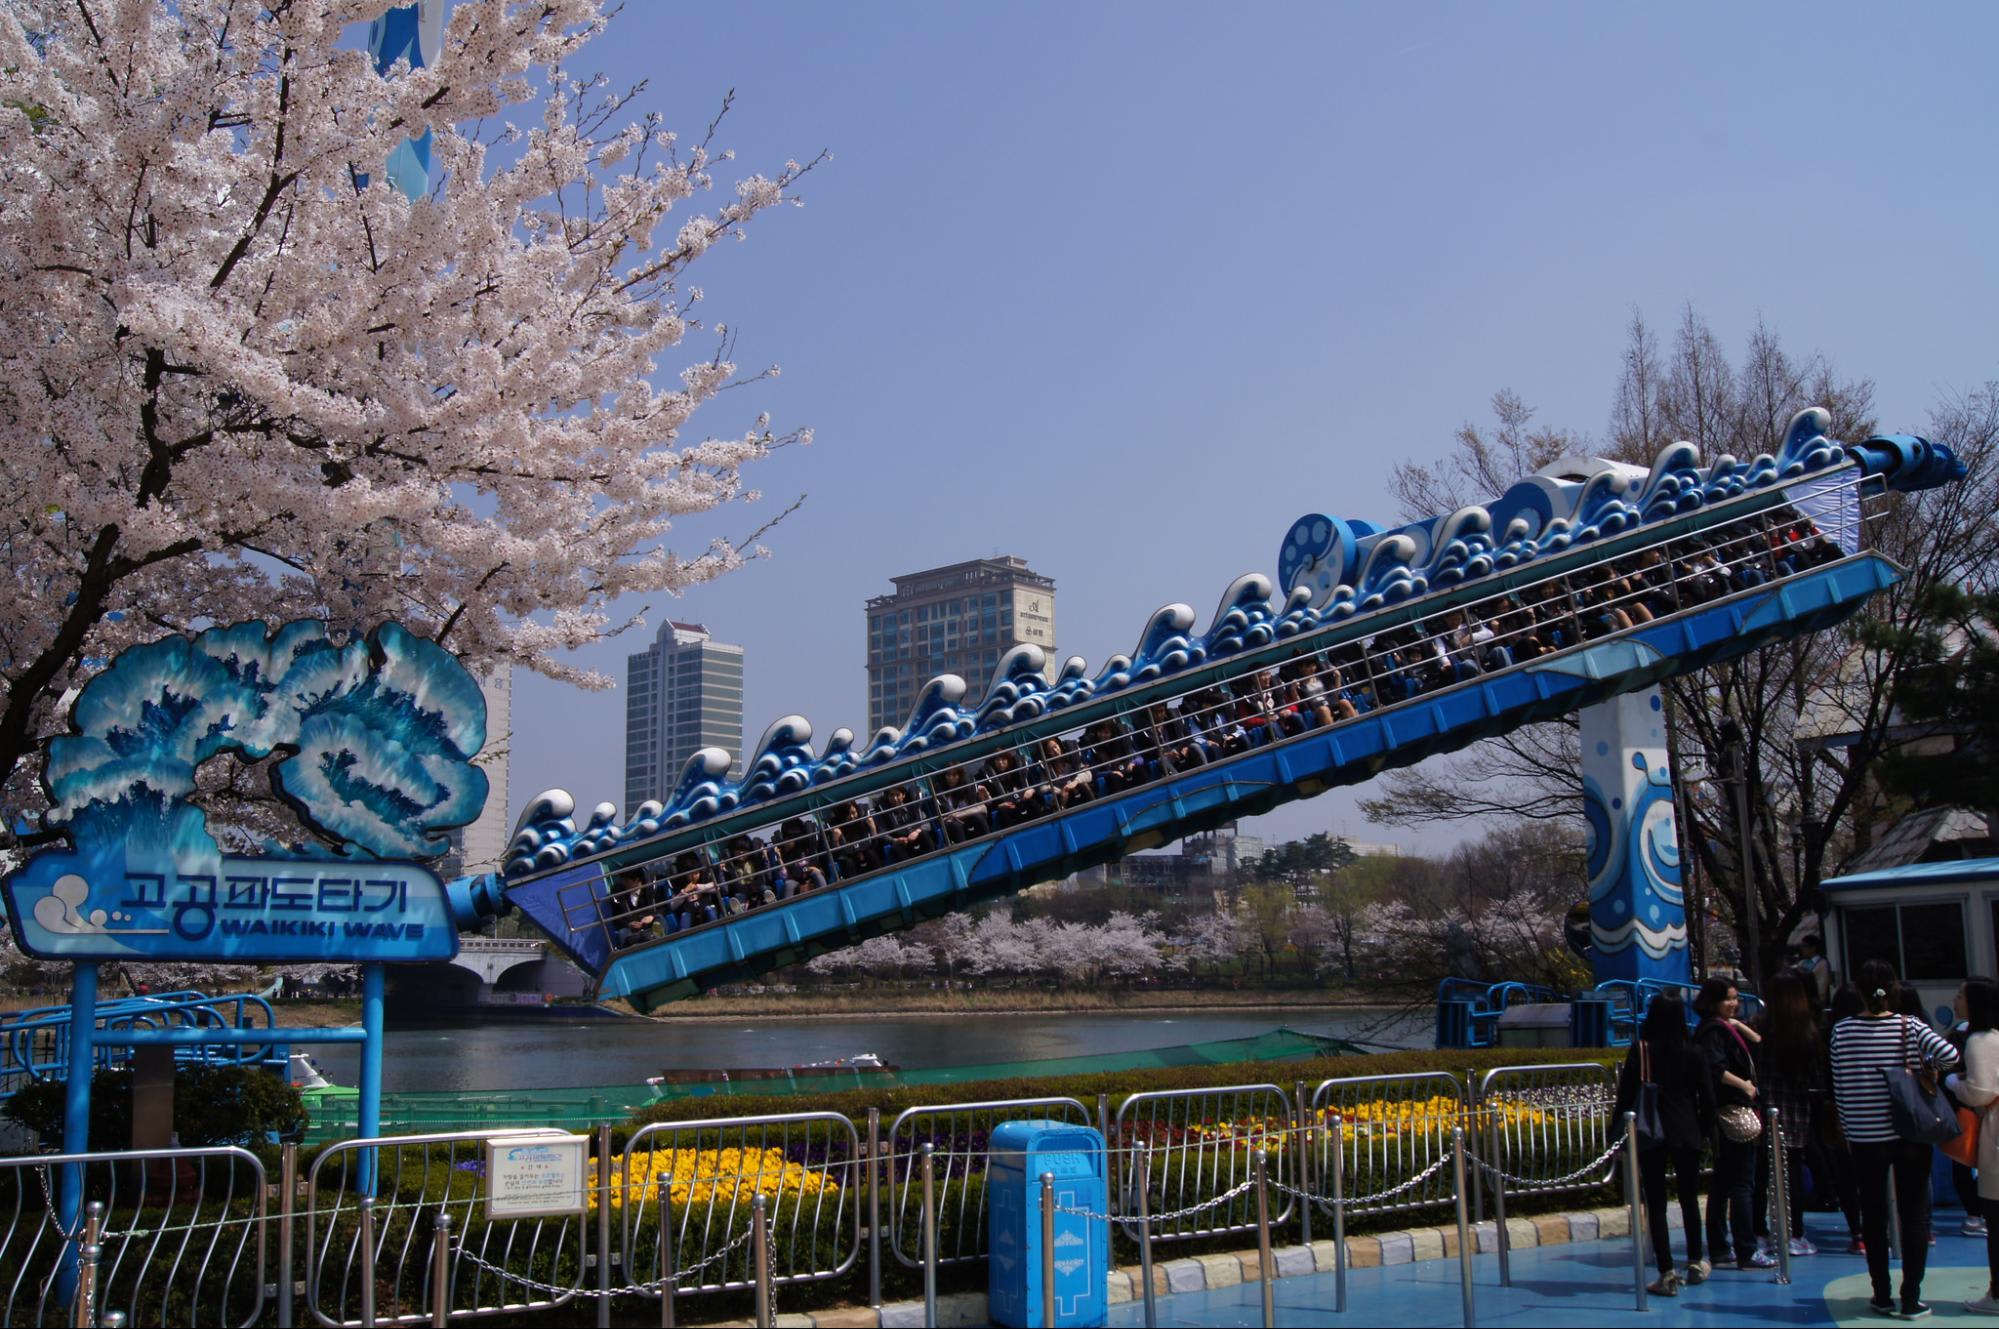 Giấc mơ anh đào: 11 điểm ngắm hoa đẹp nhất Hàn Quốc không thể bỏ lỡ 3